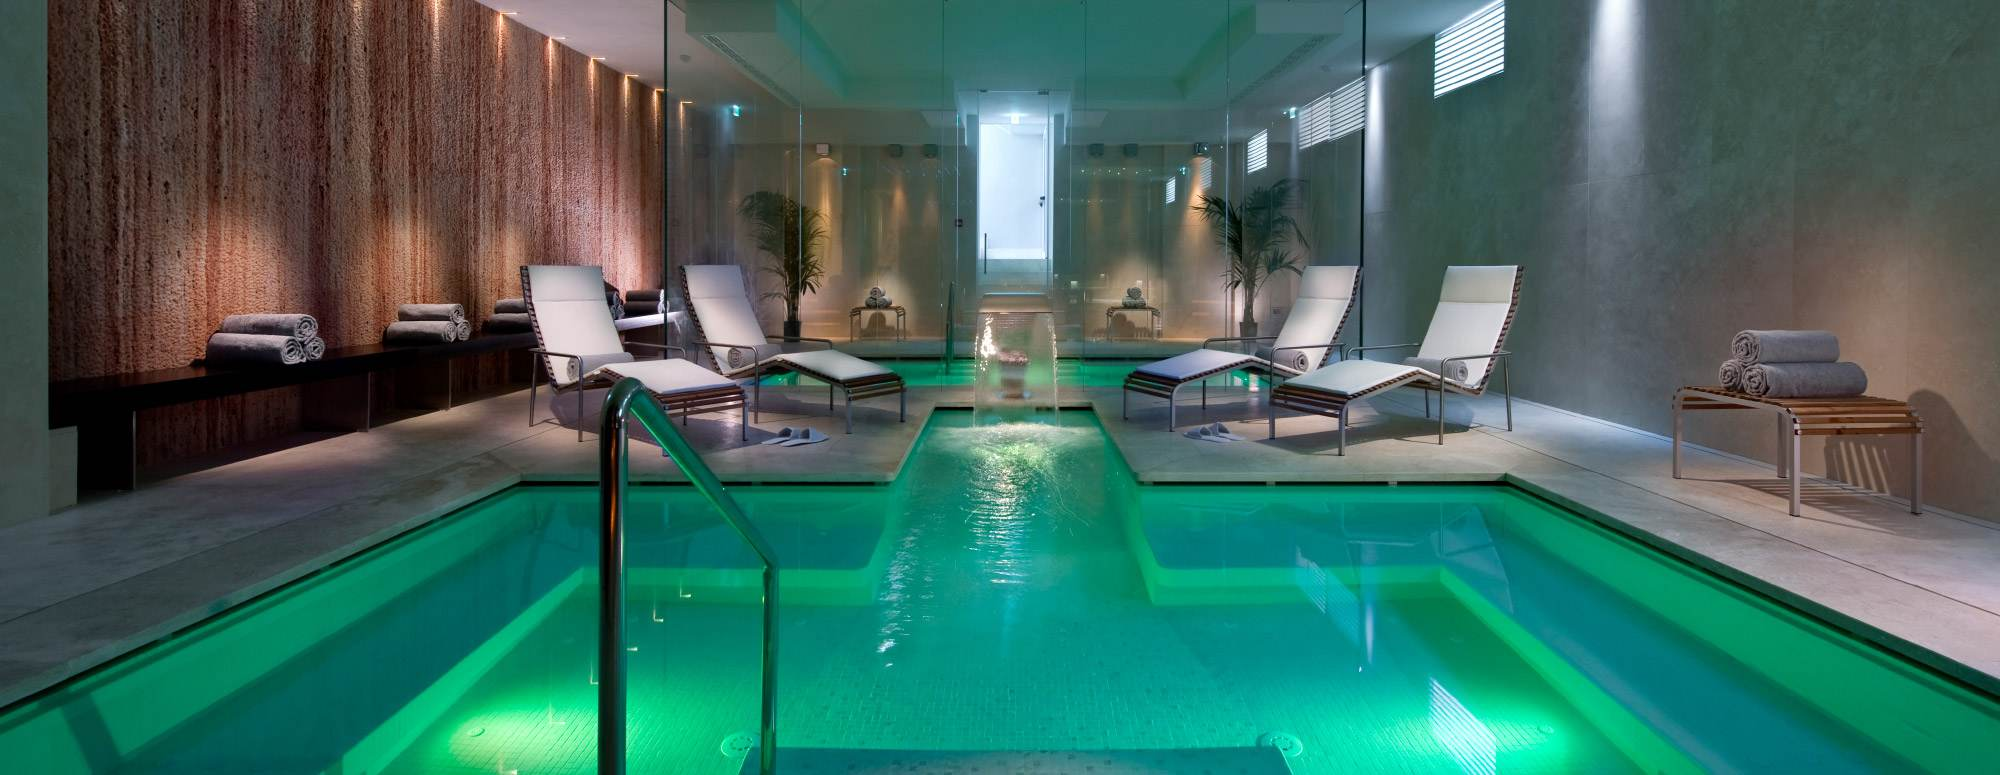 Hotel riccione 5 stelle centro benessere spa massaggi for Hotel des bains saillon